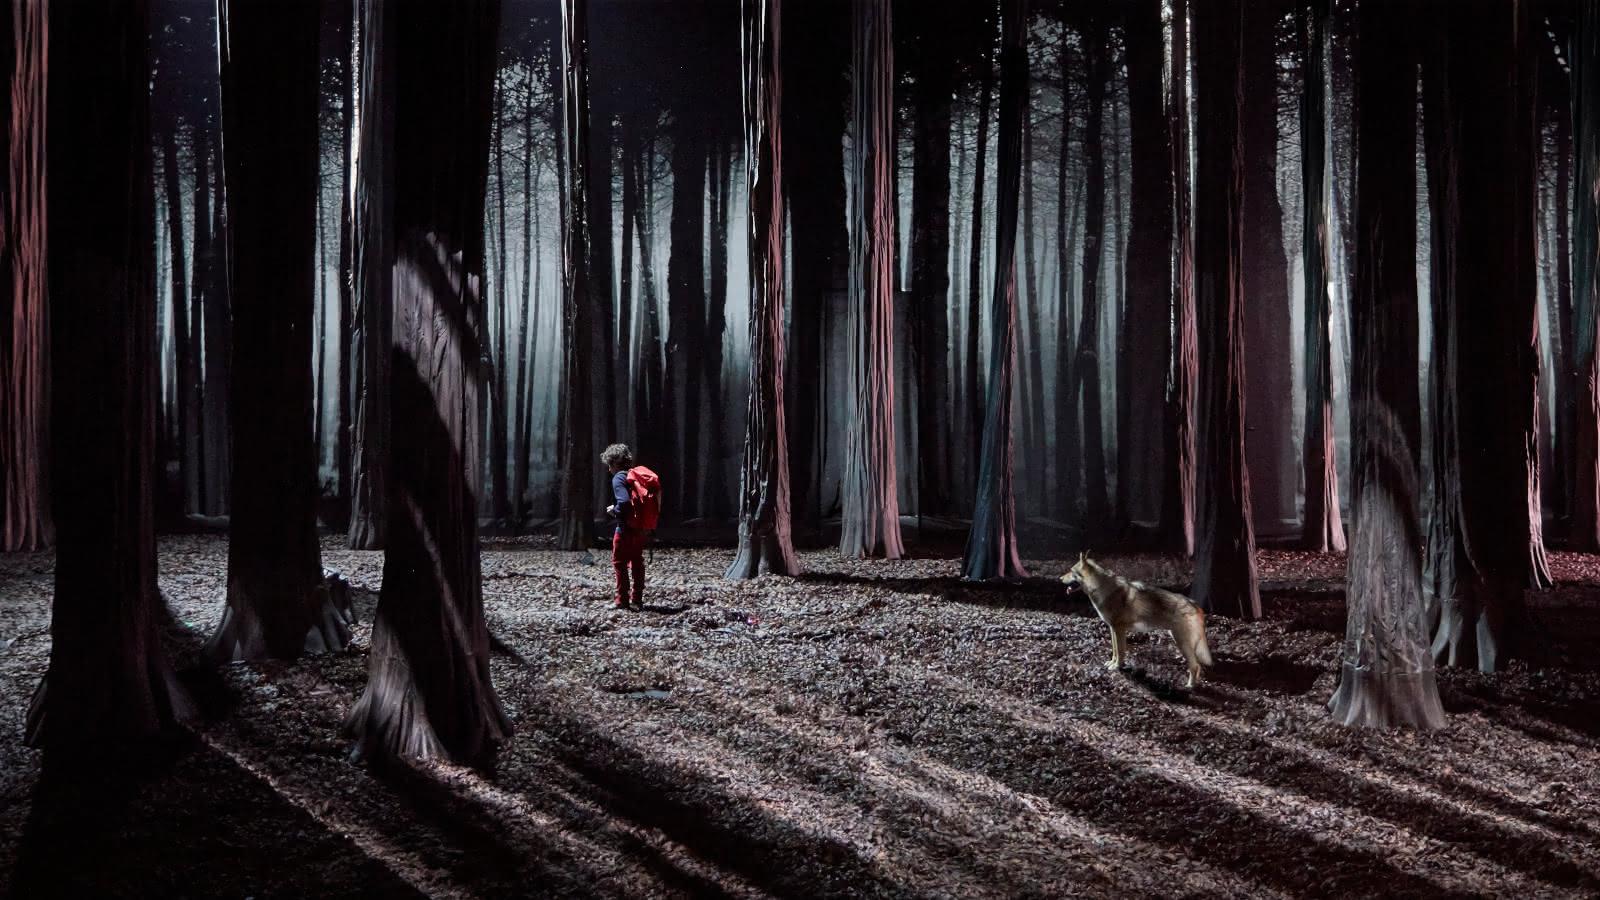 Le bruit des loups – Etienne Saglio / Montre(s)